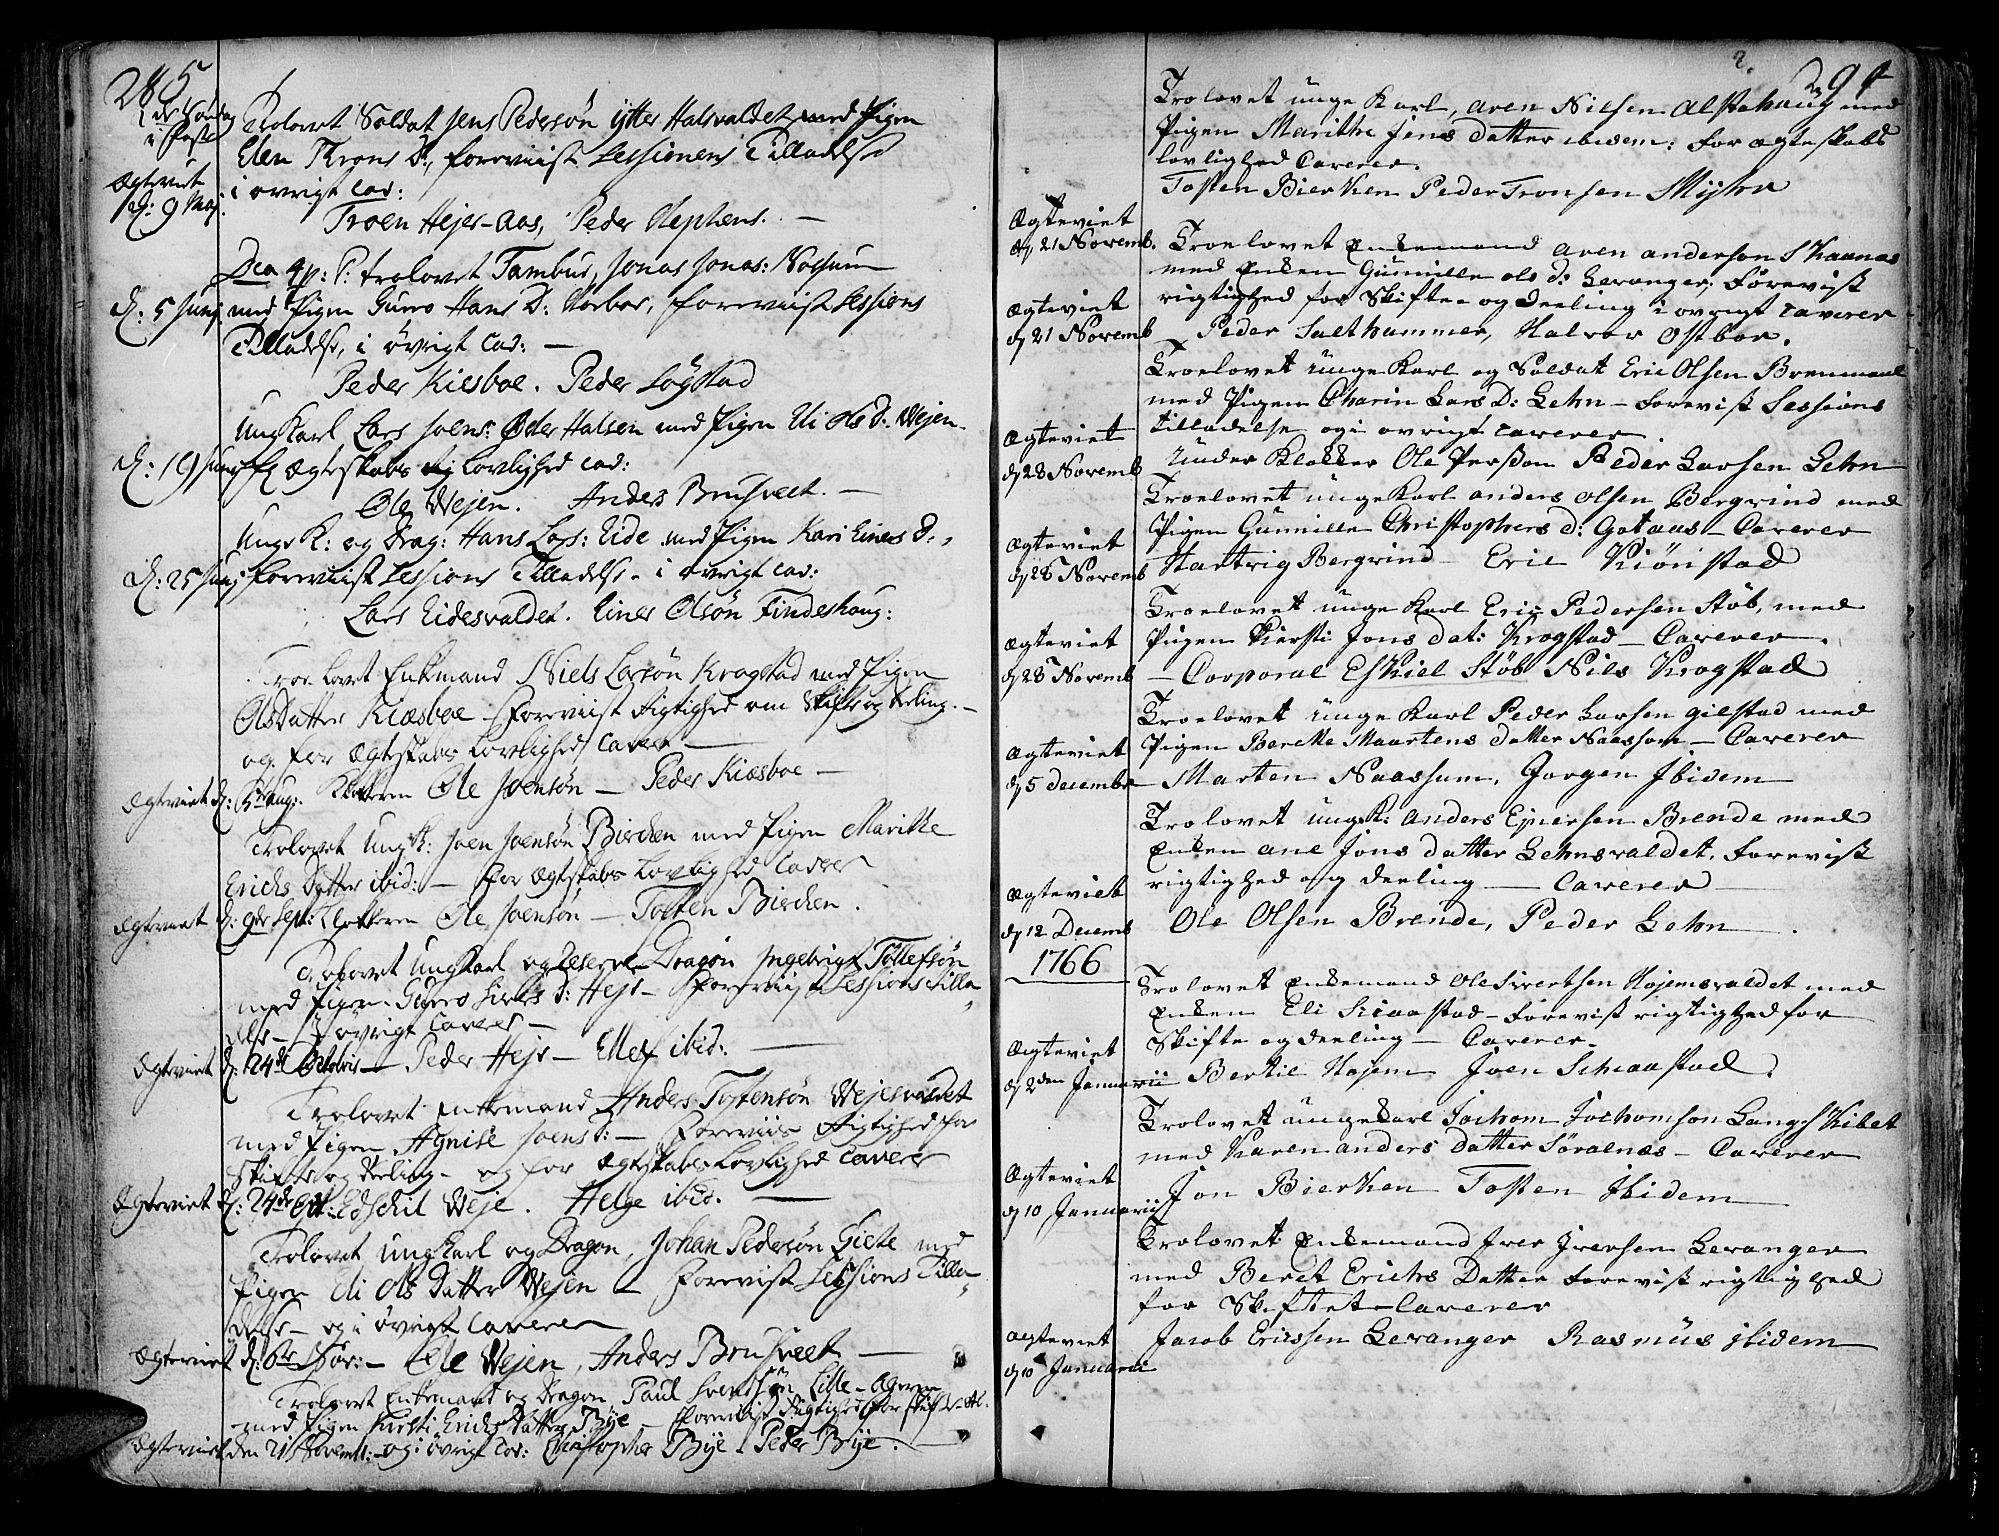 SAT, Ministerialprotokoller, klokkerbøker og fødselsregistre - Nord-Trøndelag, 717/L0141: Ministerialbok nr. 717A01, 1747-1803, s. 285-294